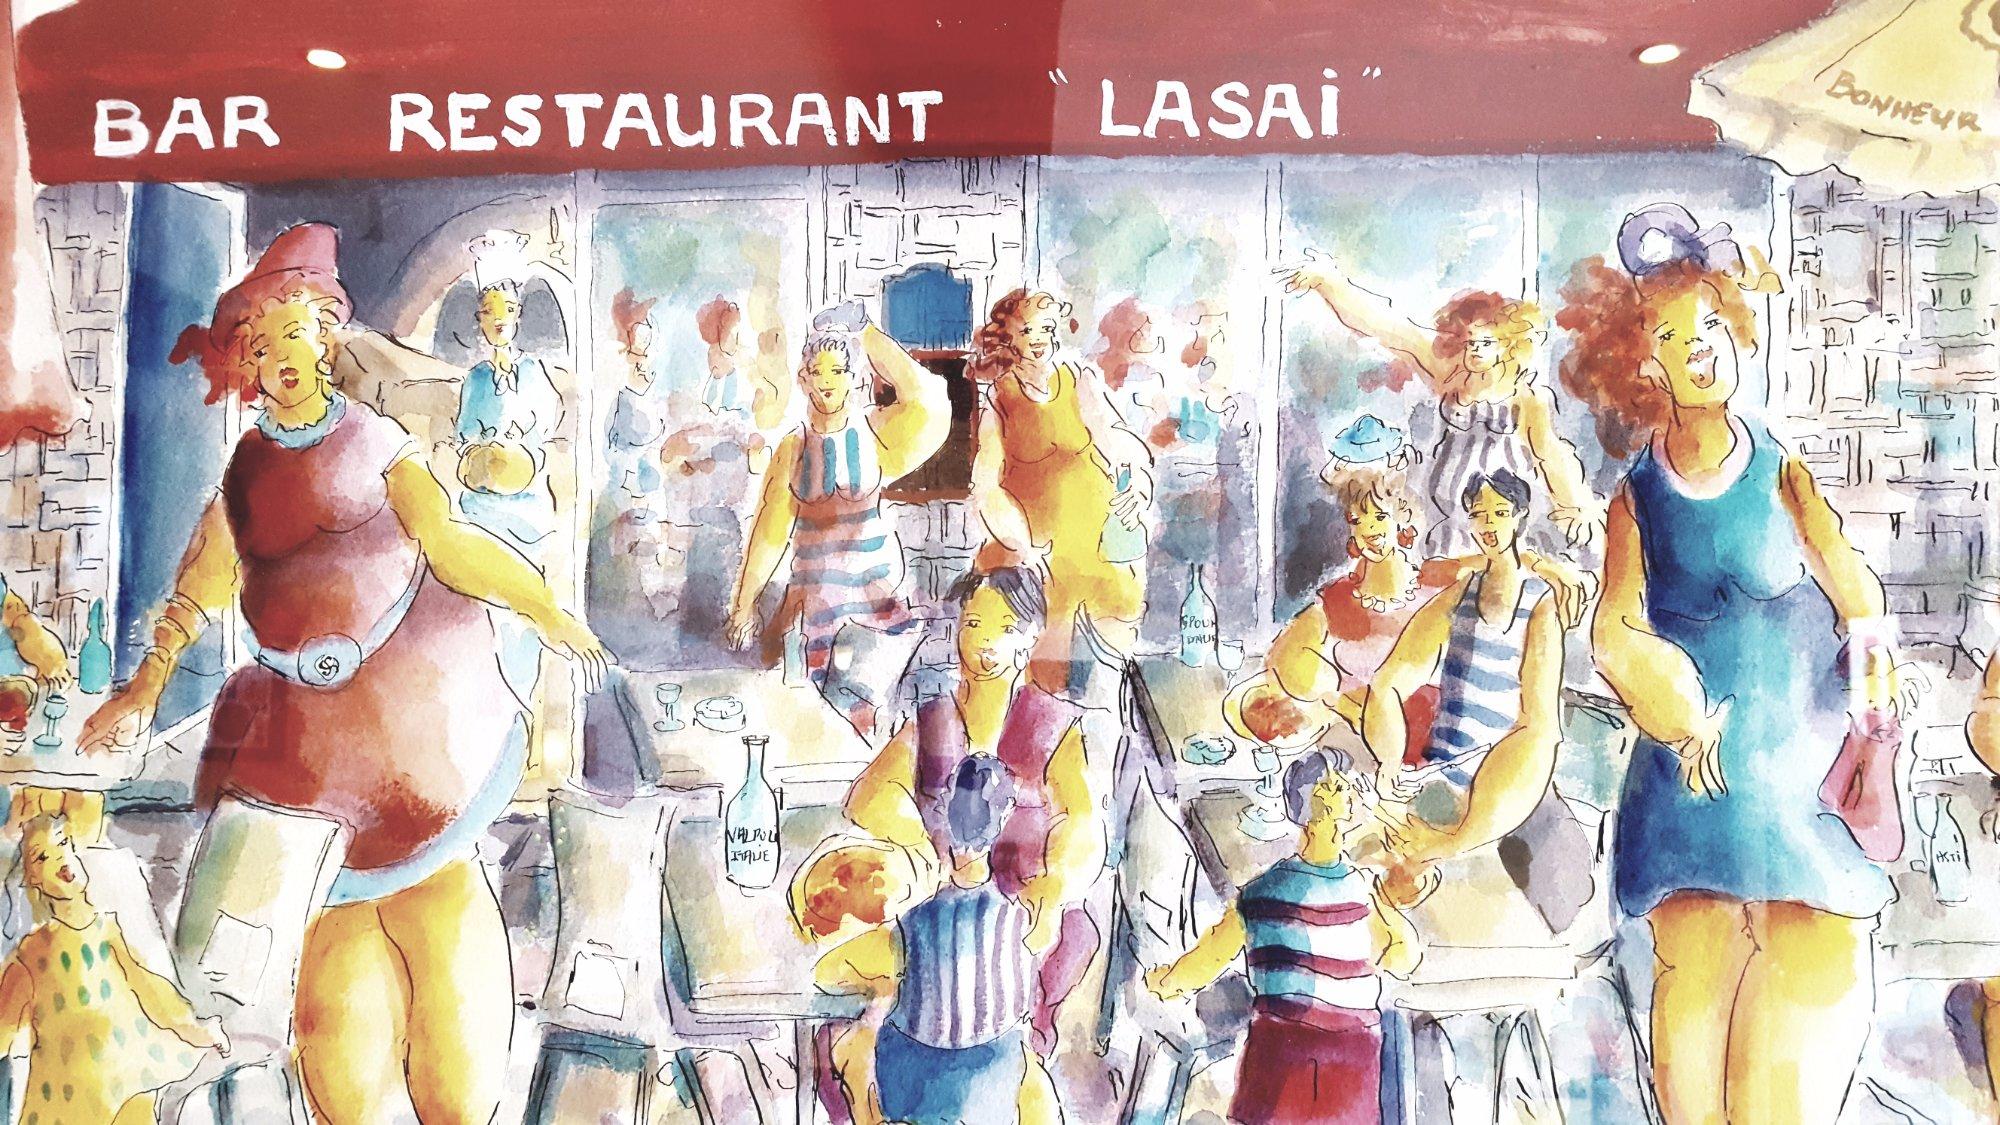 Lasai Saint Pée sur Nivelle Restaurant Avis Numéro de